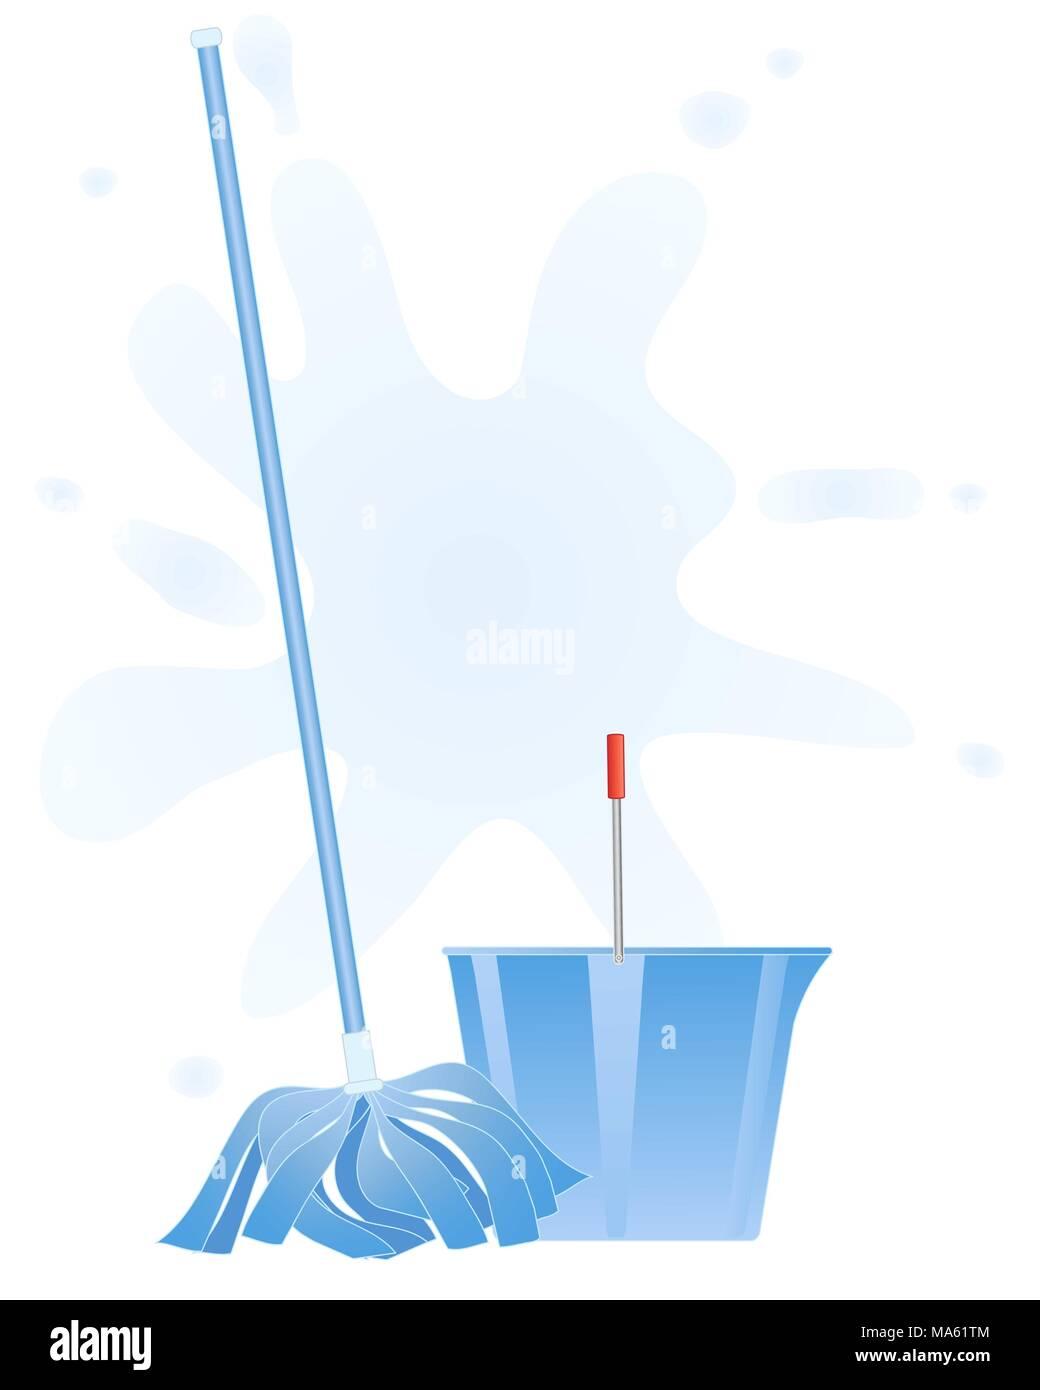 Una illustrazione vettoriale in formato eps formato 10 di freschi colori blu mop e la benna su un acqua splash sfondo Immagini Stock